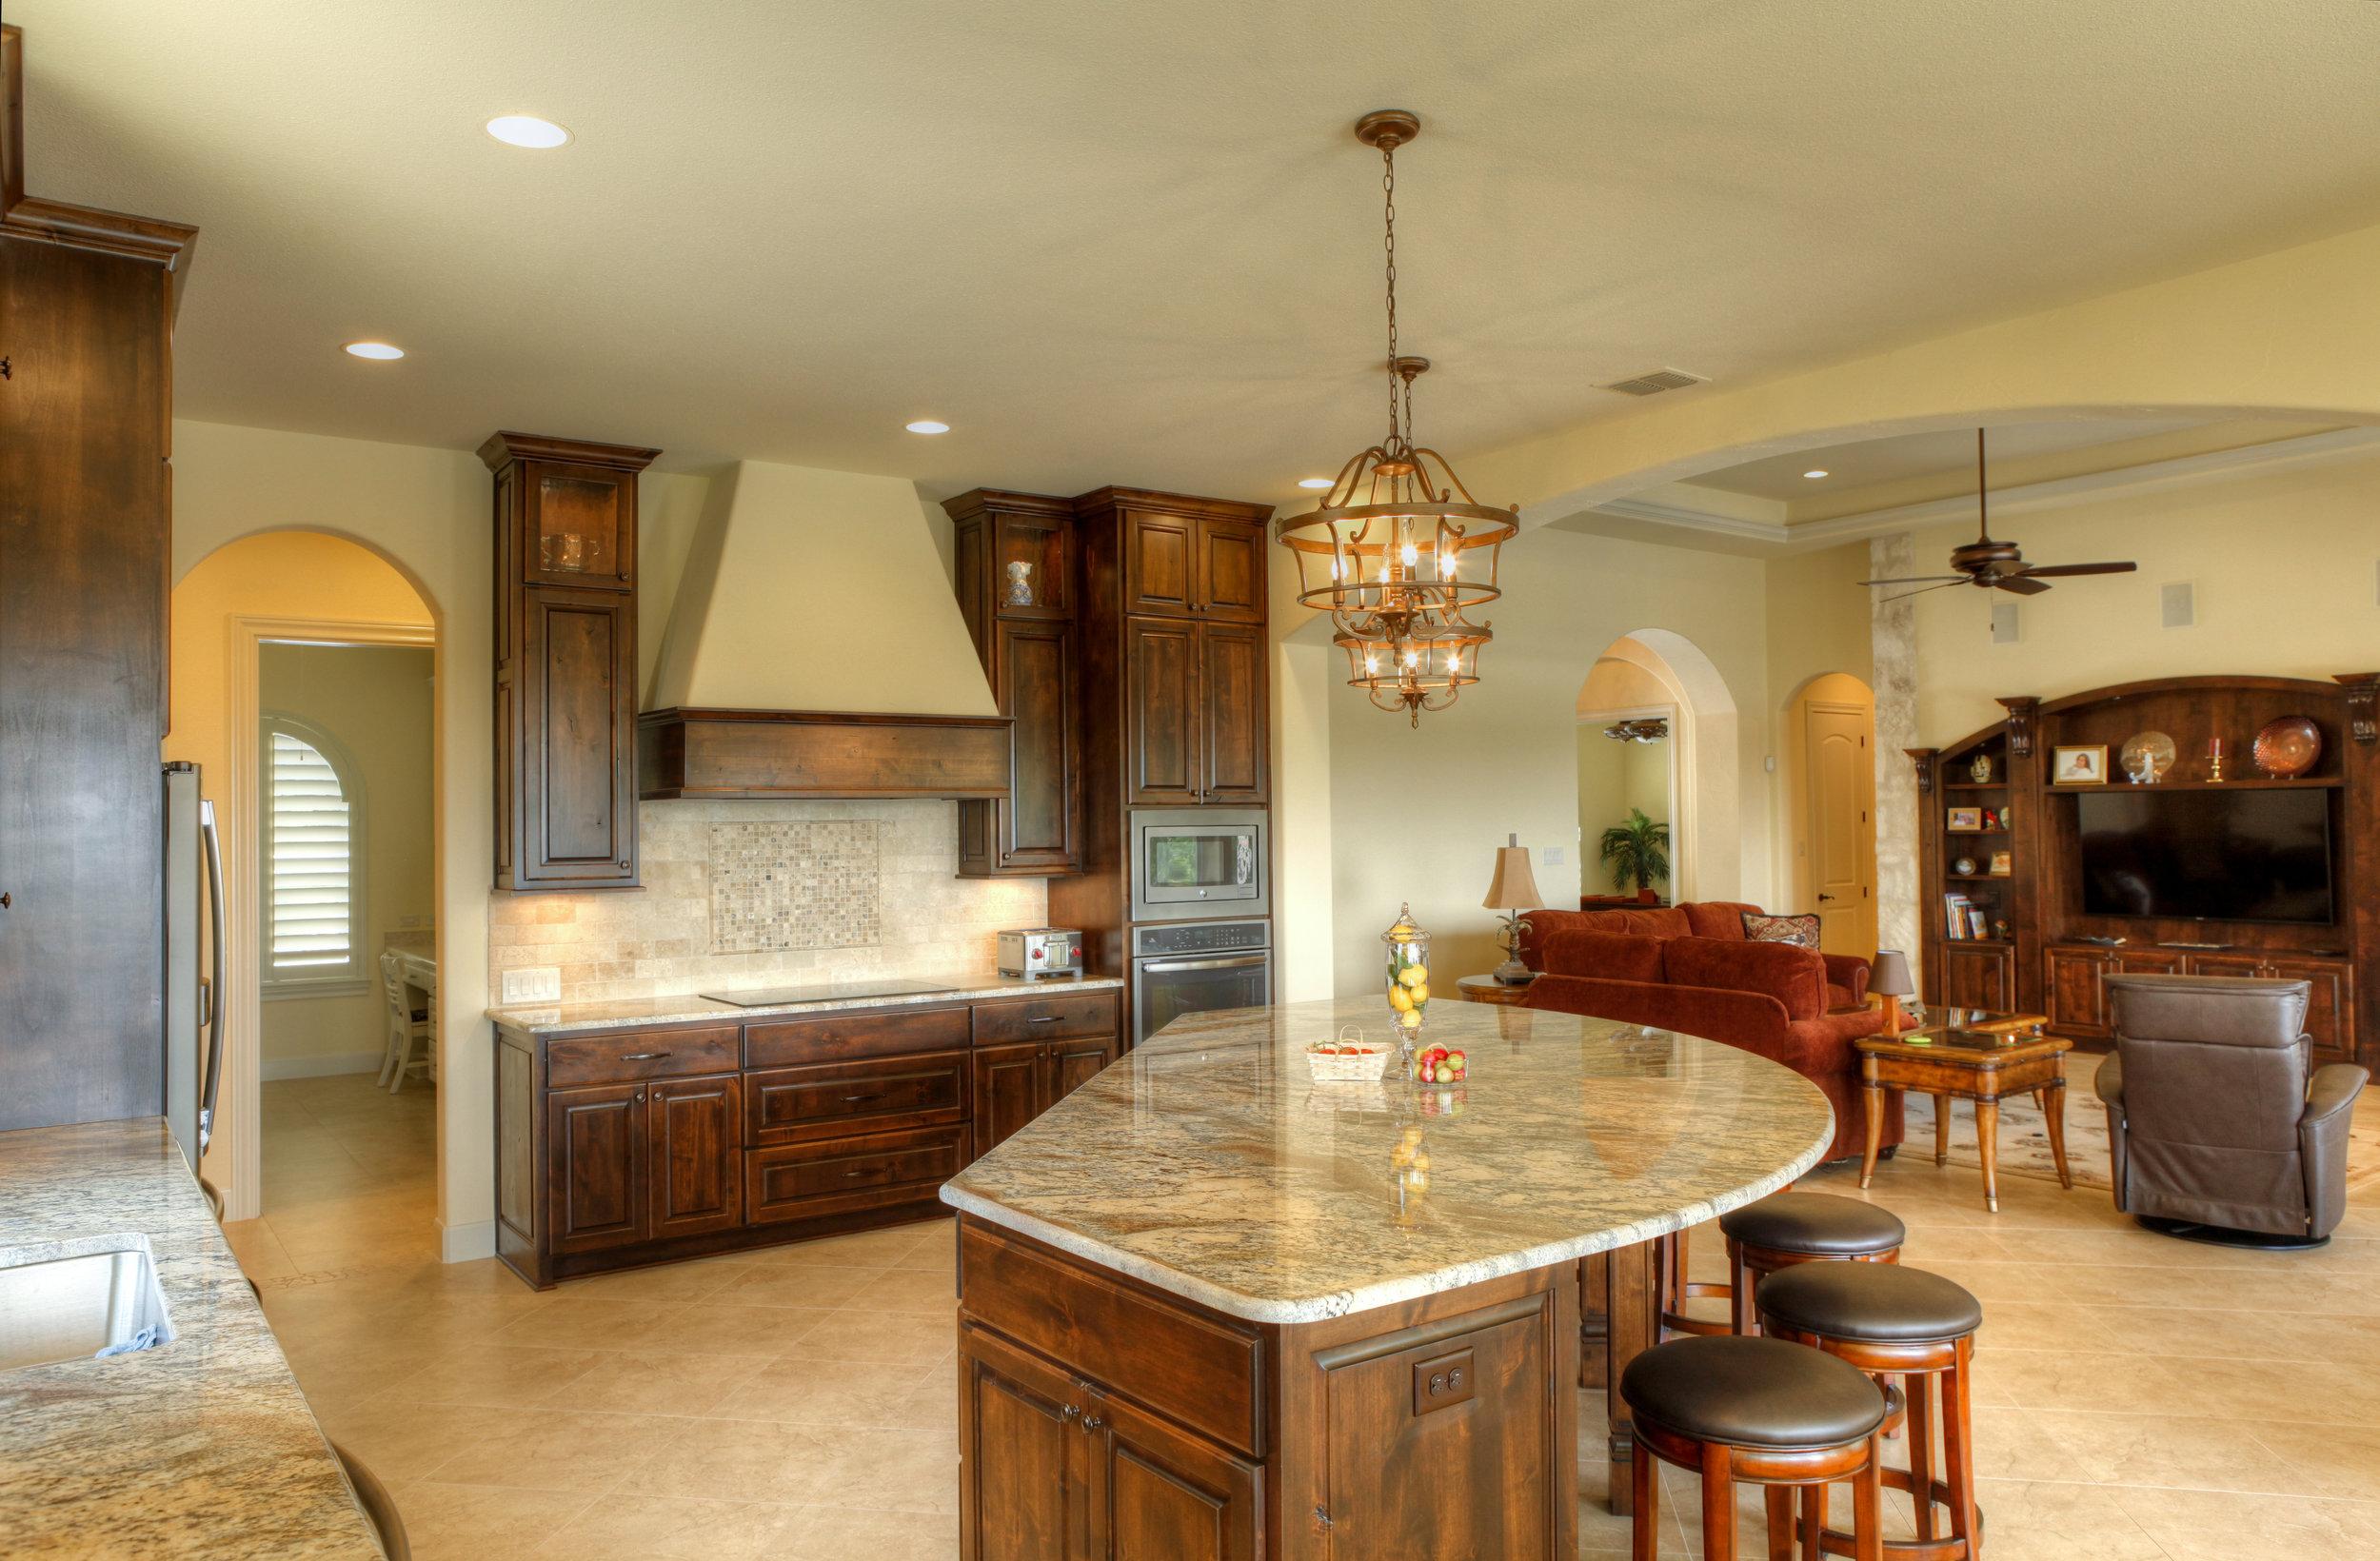 8-kitchen 1.jpg